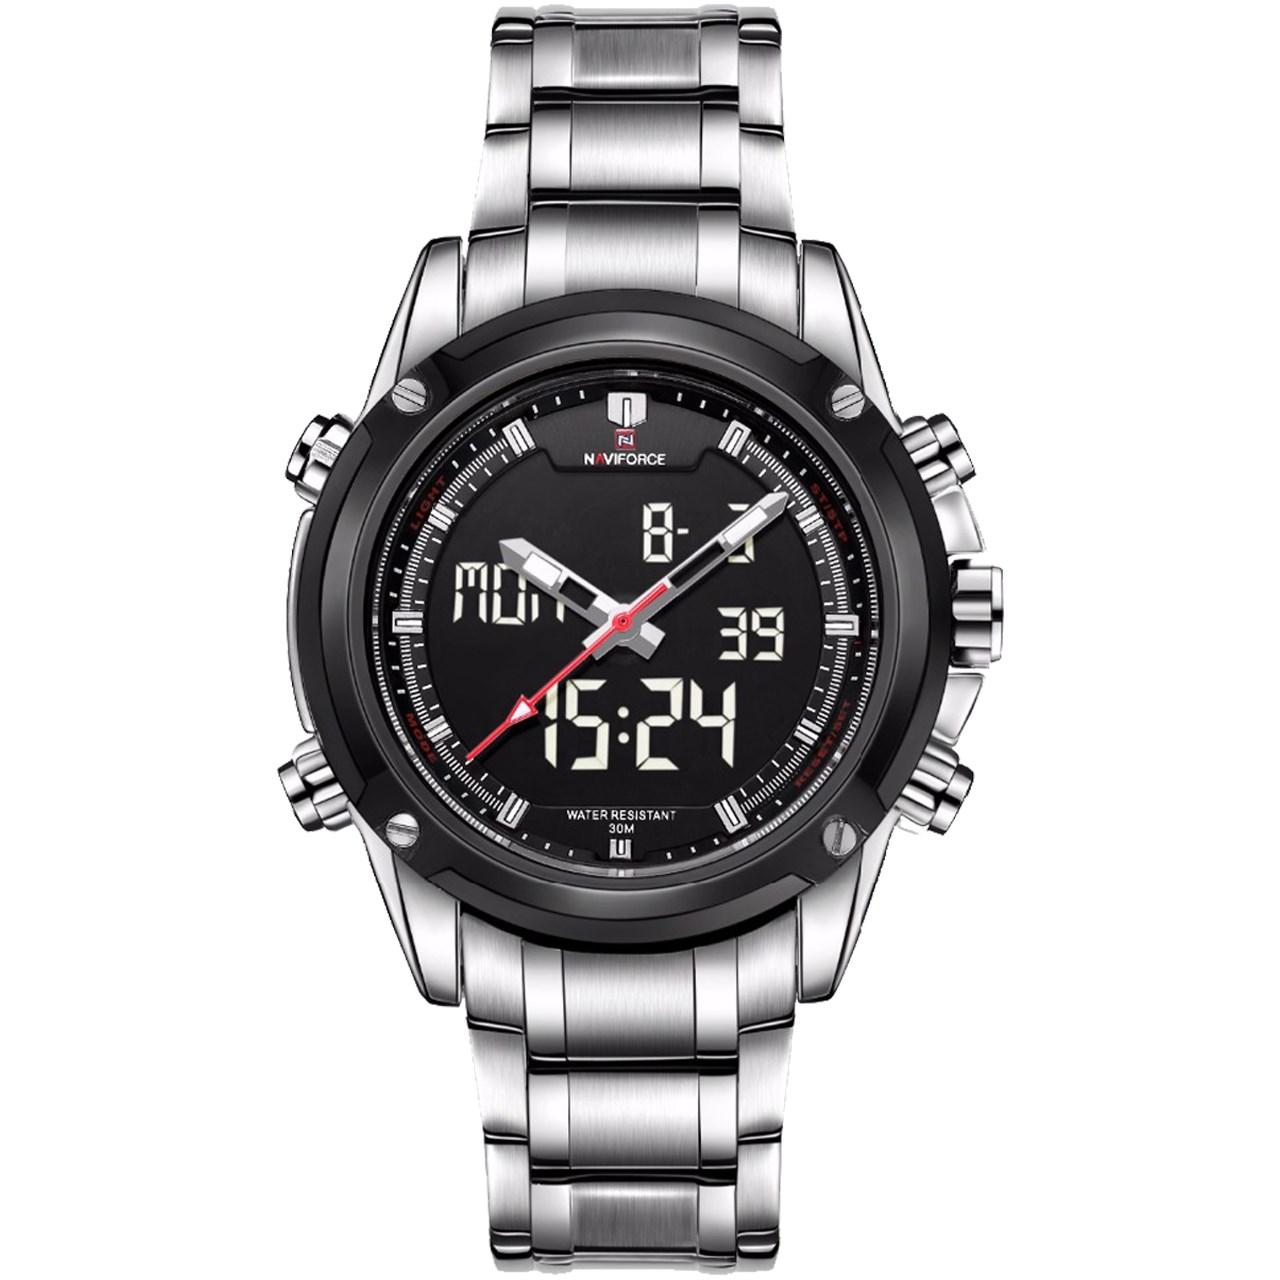 ساعت مچی عقربه ای مردانه نیوی فورس مدل NF9050M/SBW